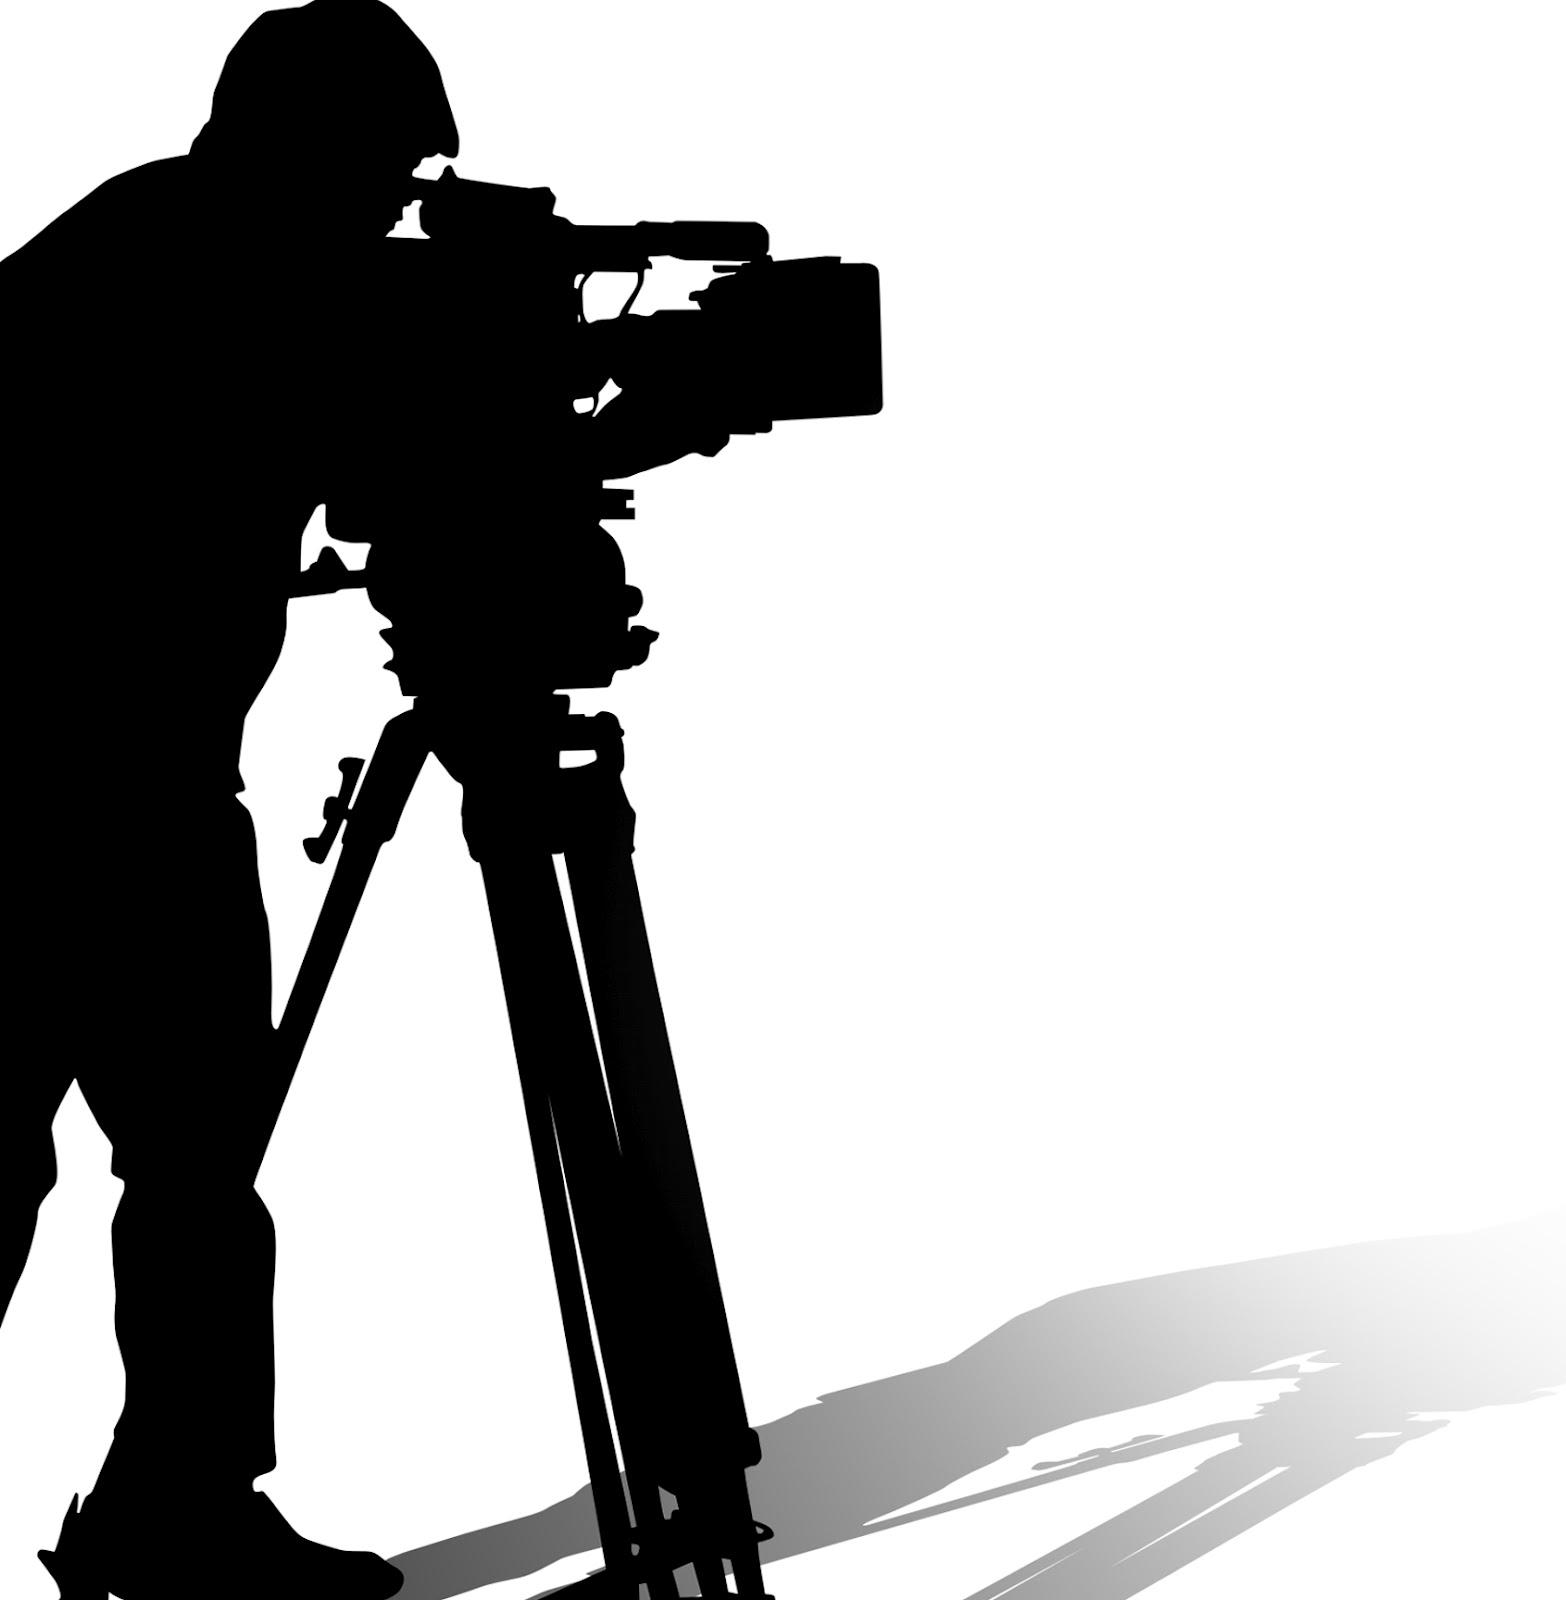 Ecole audiovisuel pour percer dans le cinéma